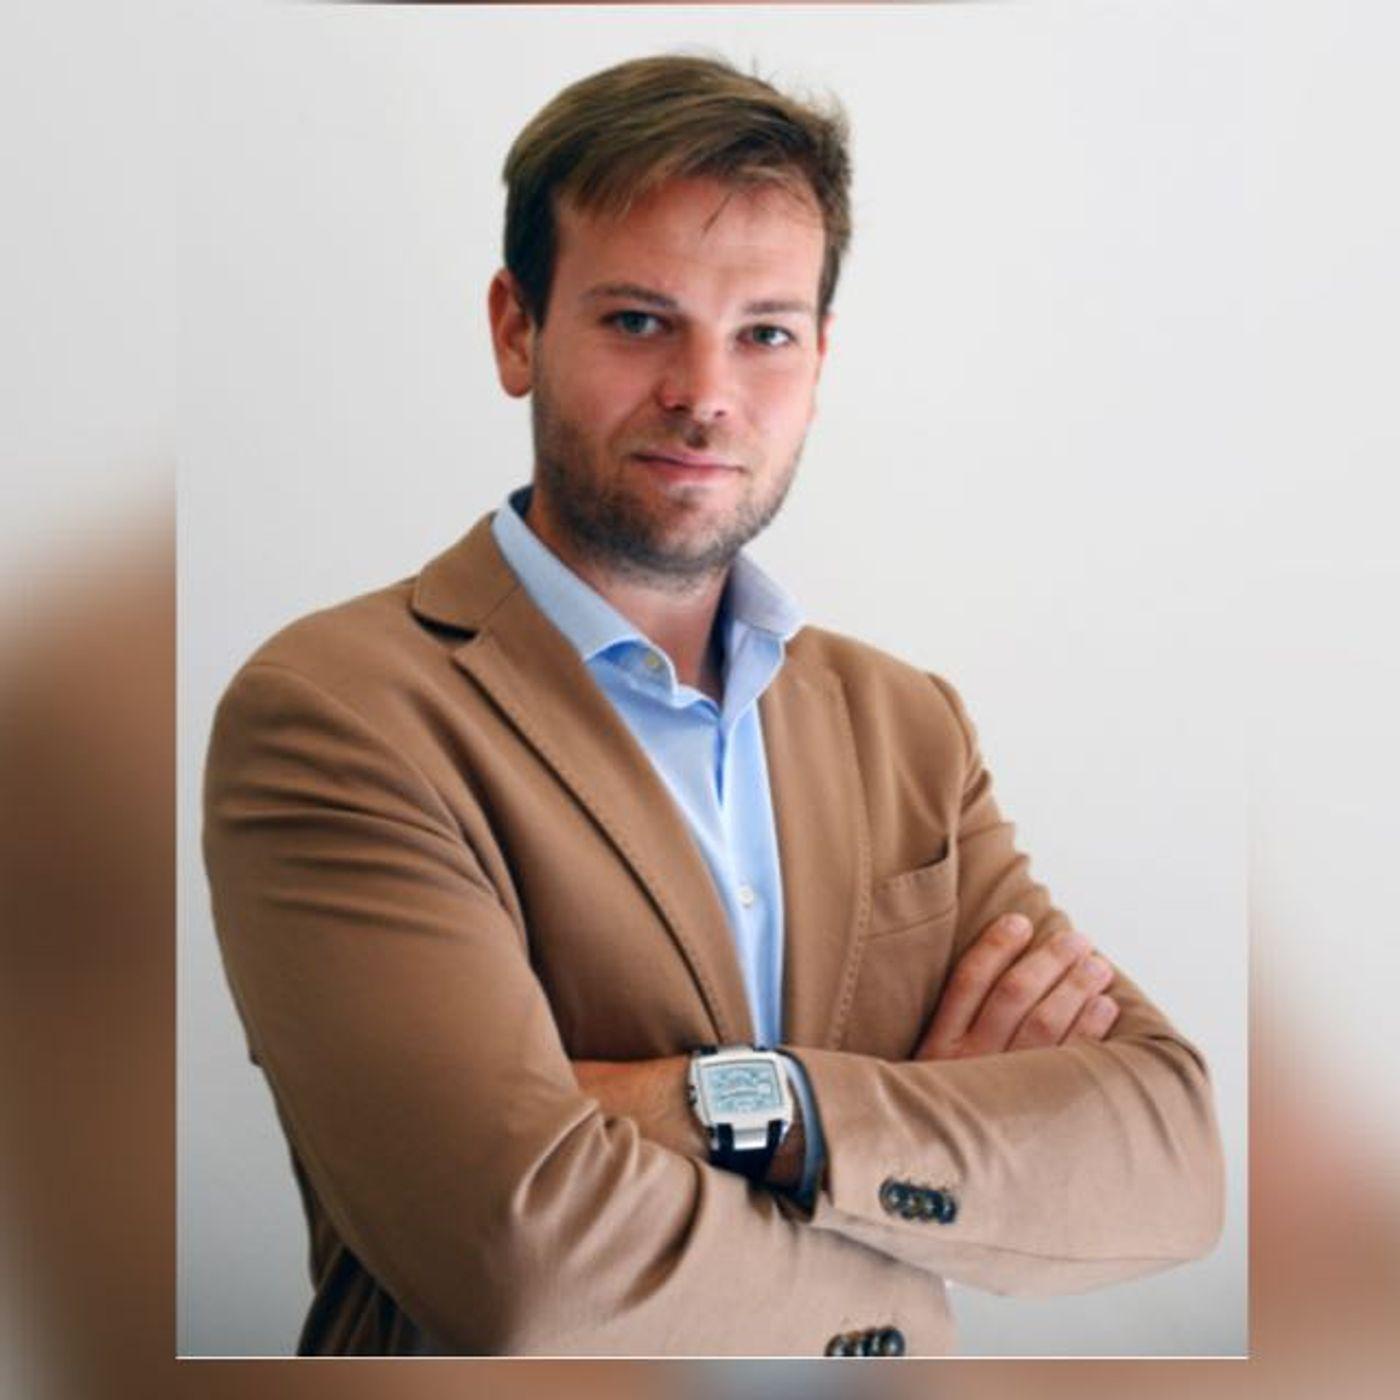 Intervista a Davide Fiore, presidente di Obiettivo Comune